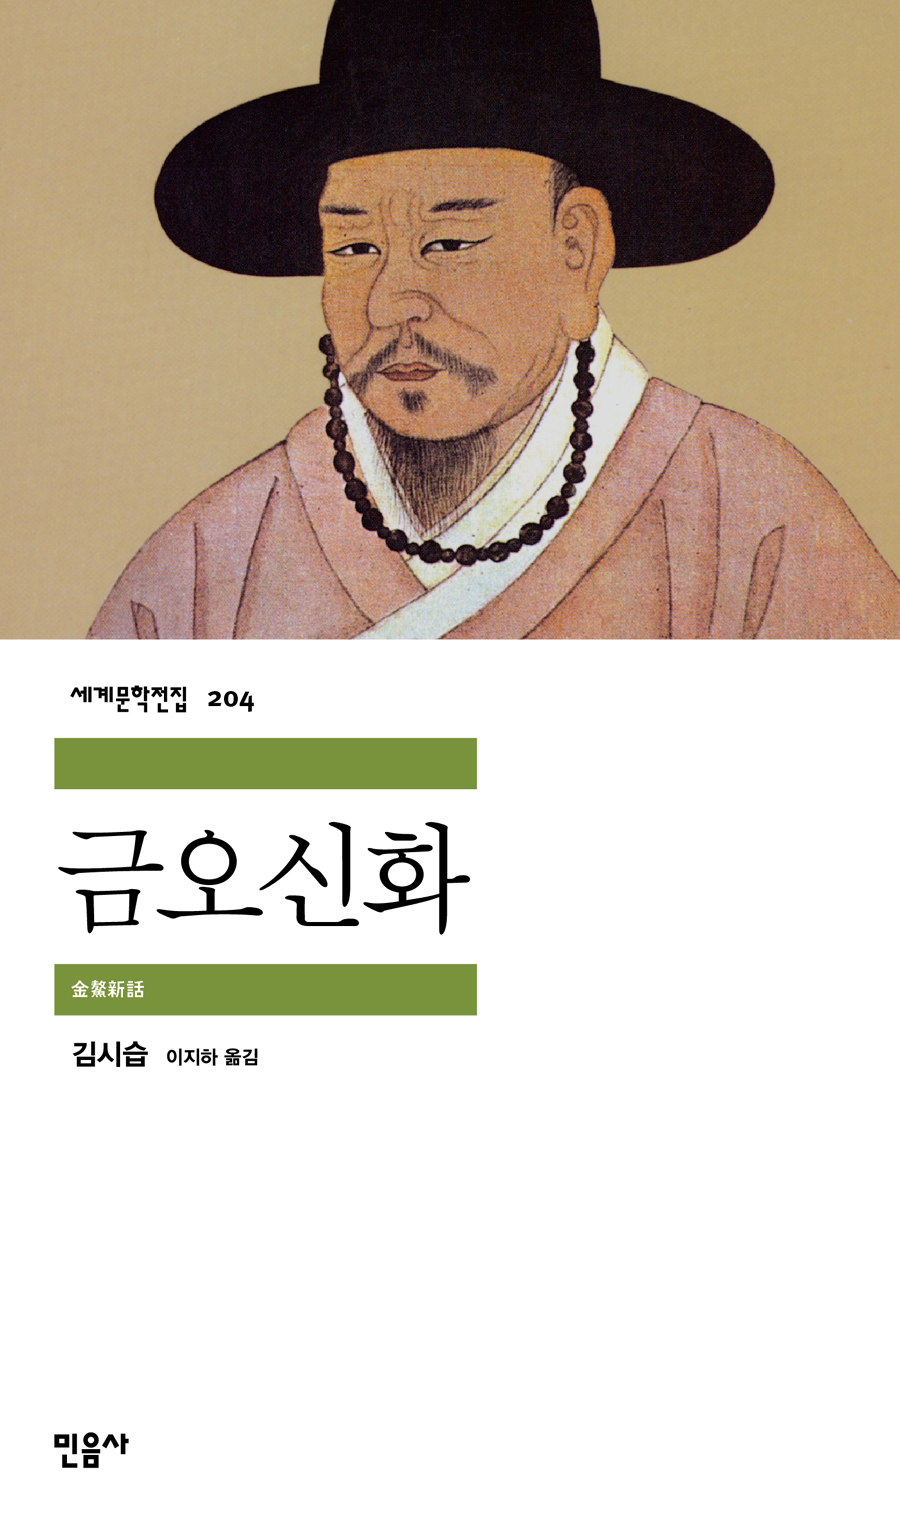 [고전읽기-078] 금오신화 (김시습) 민음사 세계문학 204